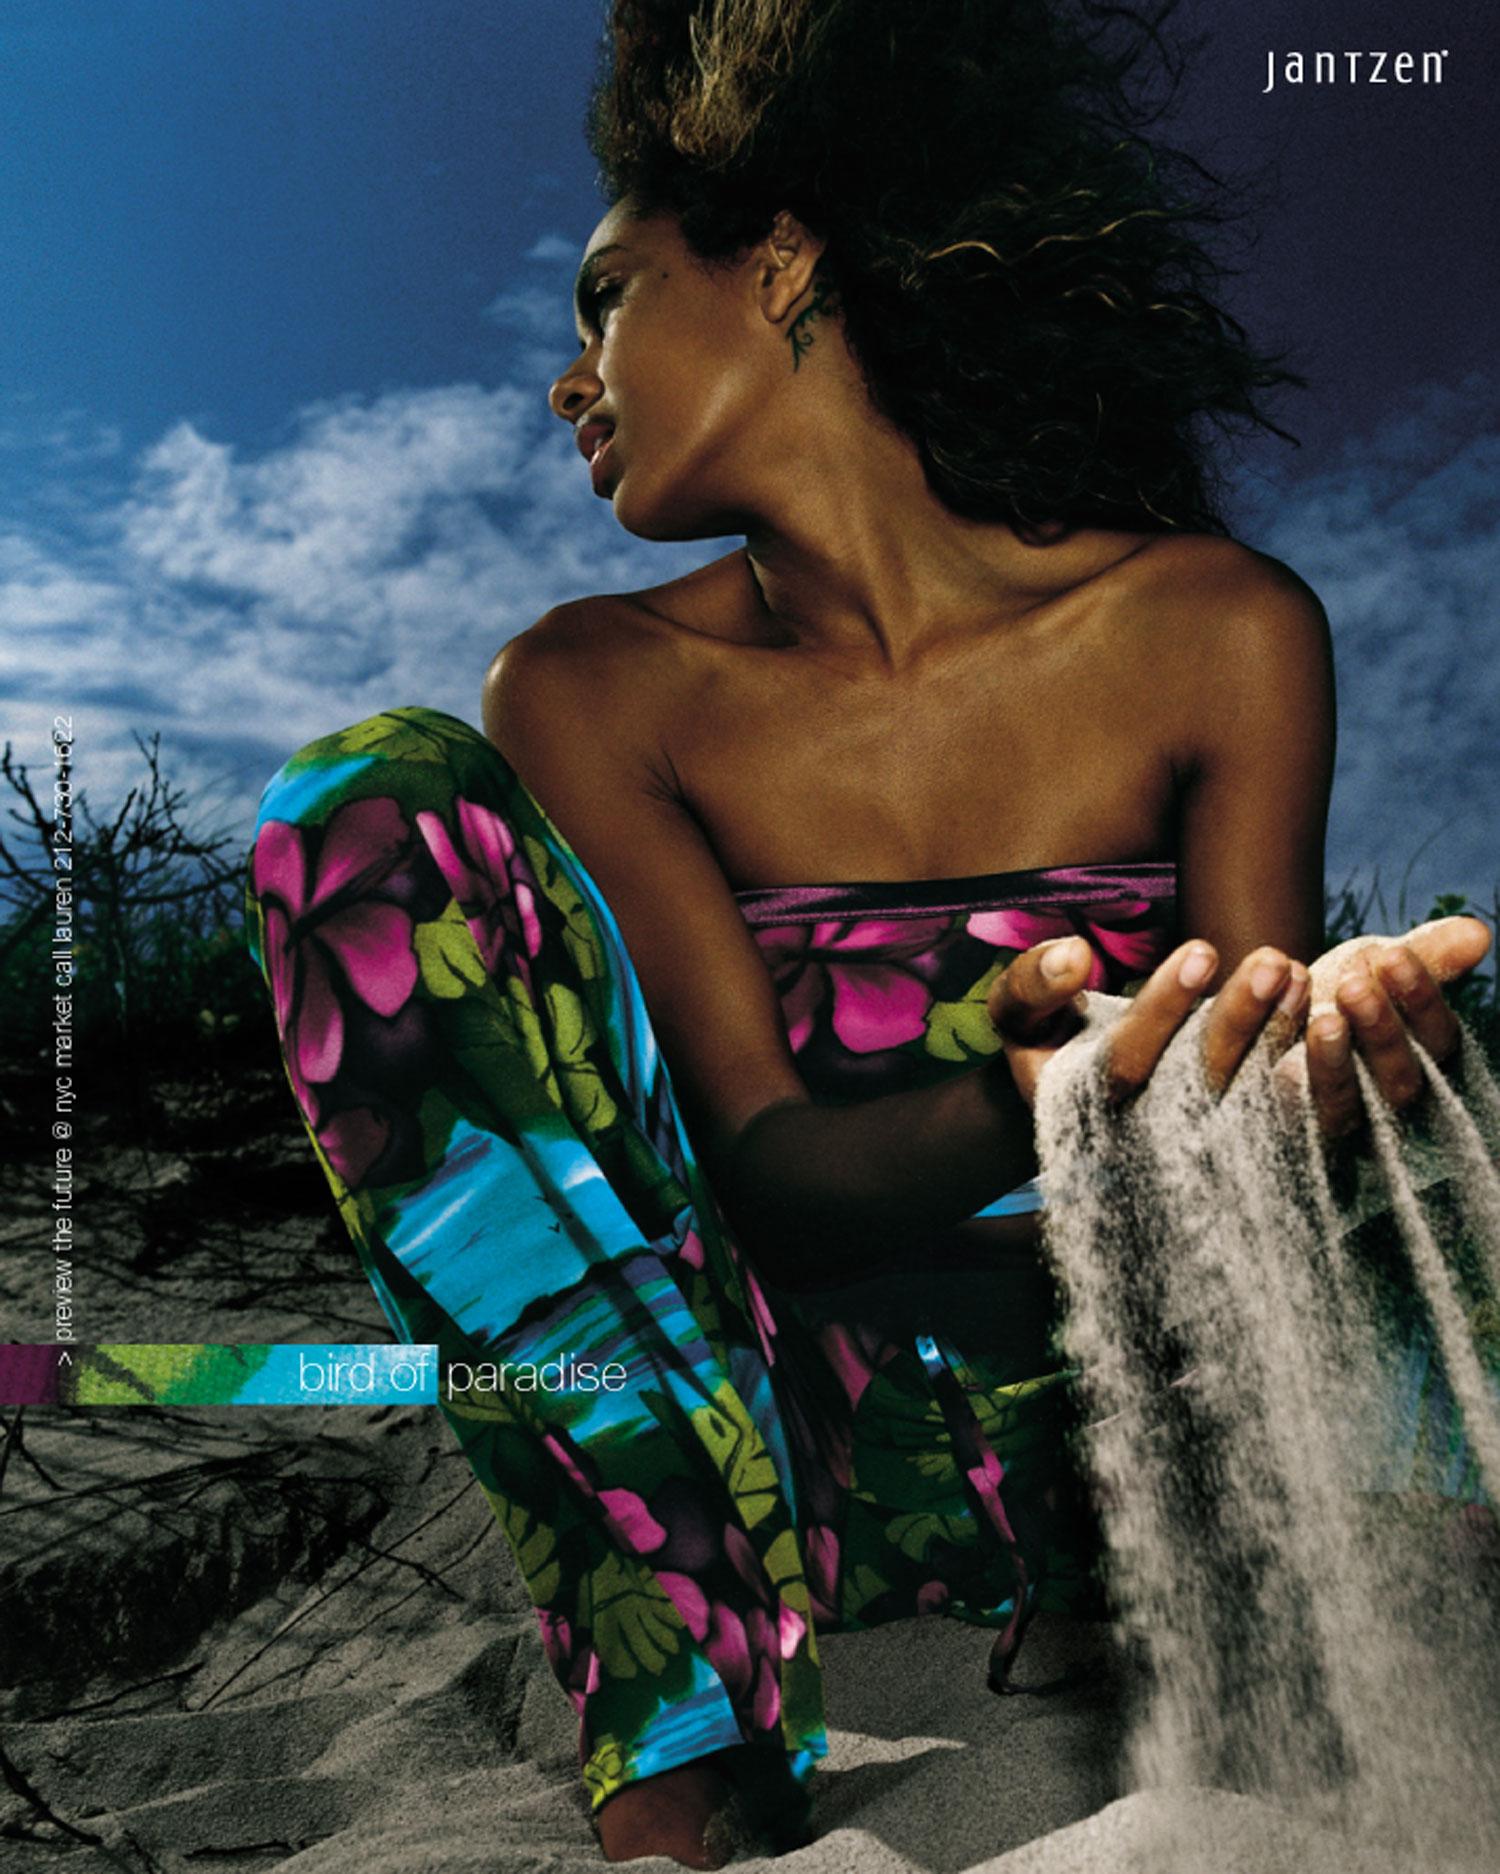 Print ad, Jantzen swimwear